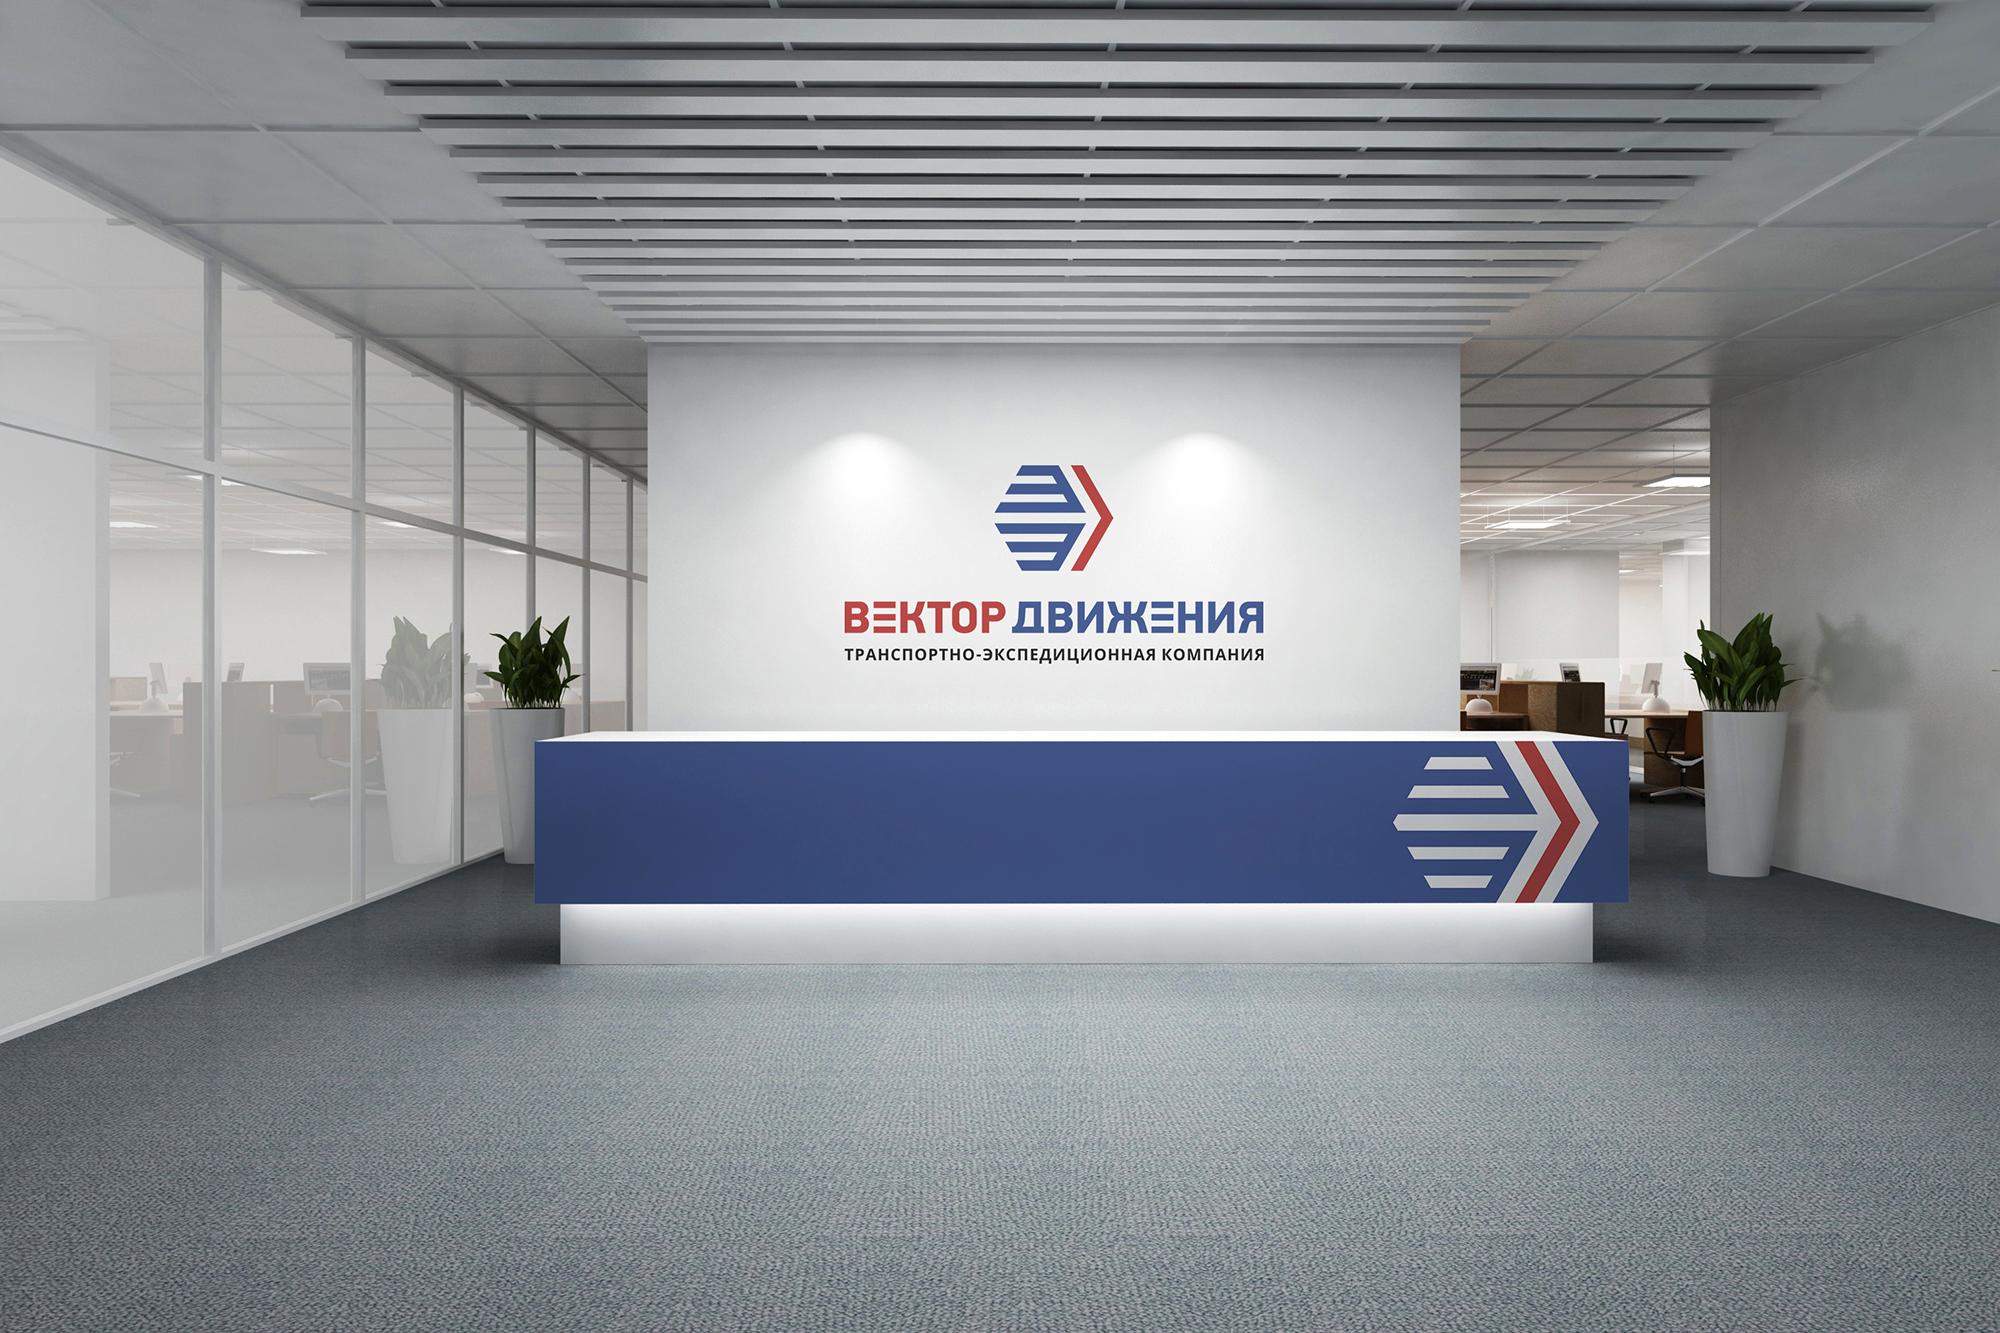 Разработка логотипа фото f_3275c2f37925b8c3.jpg